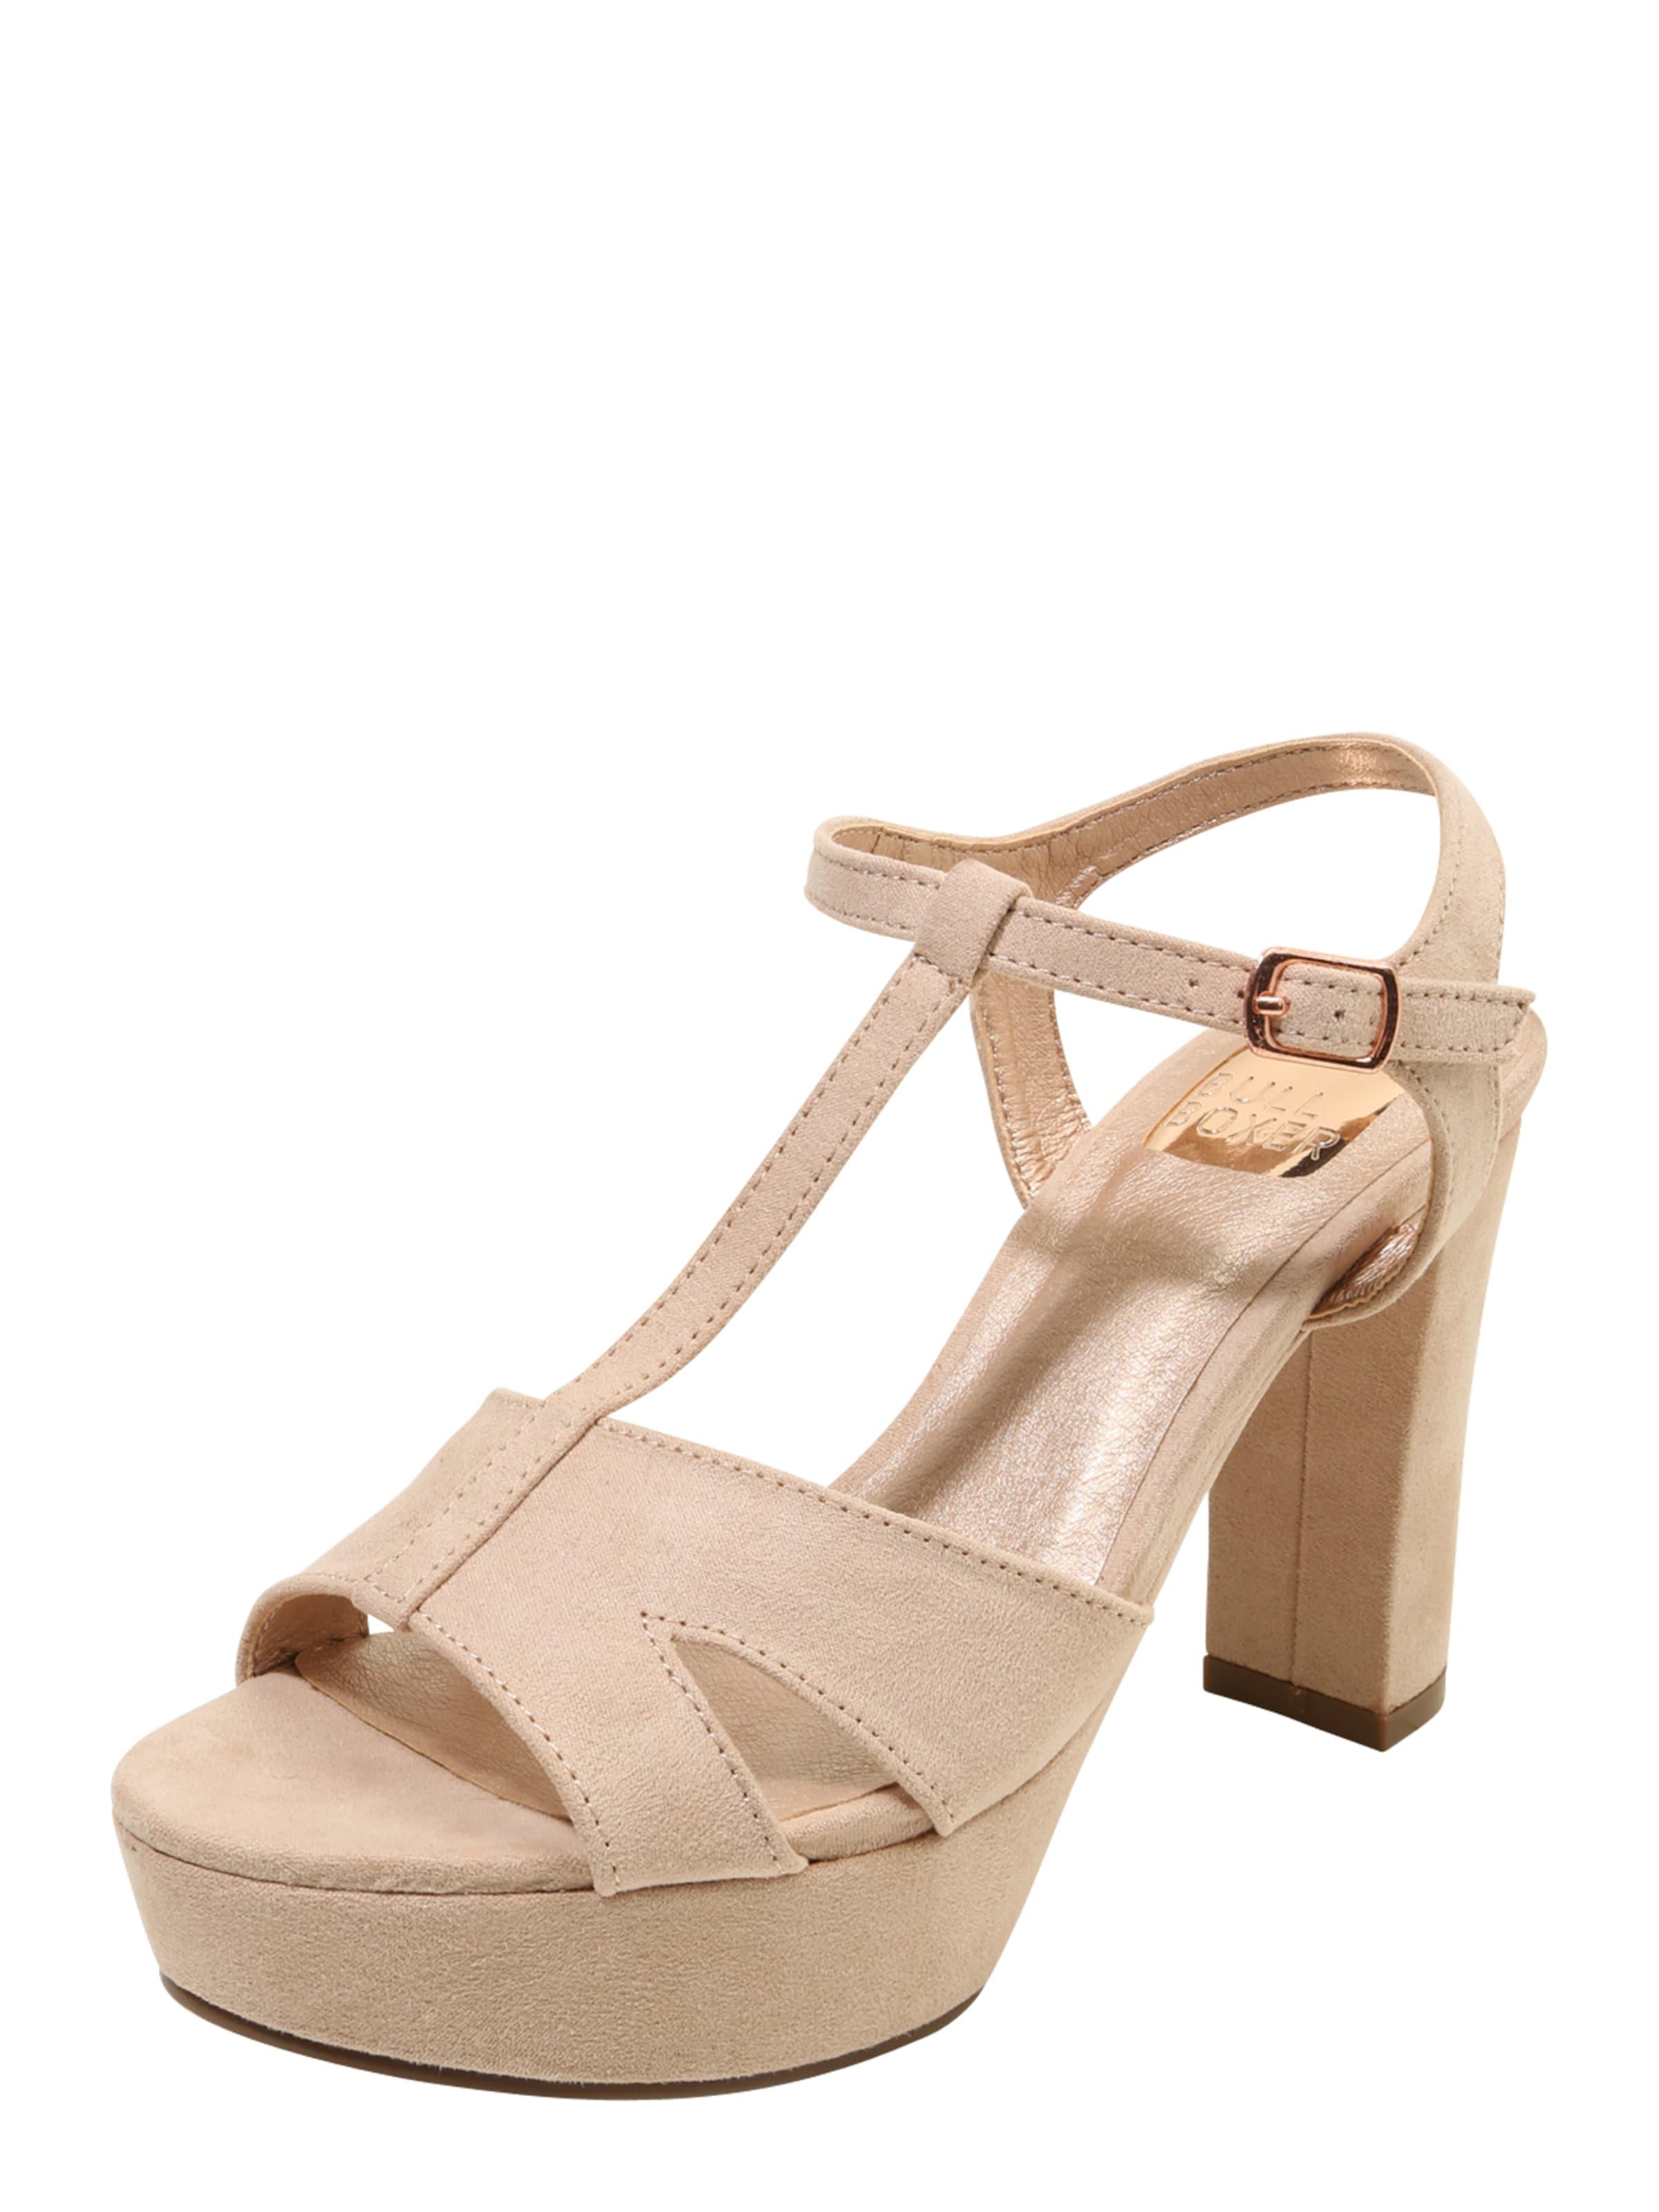 Sandales Buffle Avec De La Poudre De Sangle Rose 71A8Xz